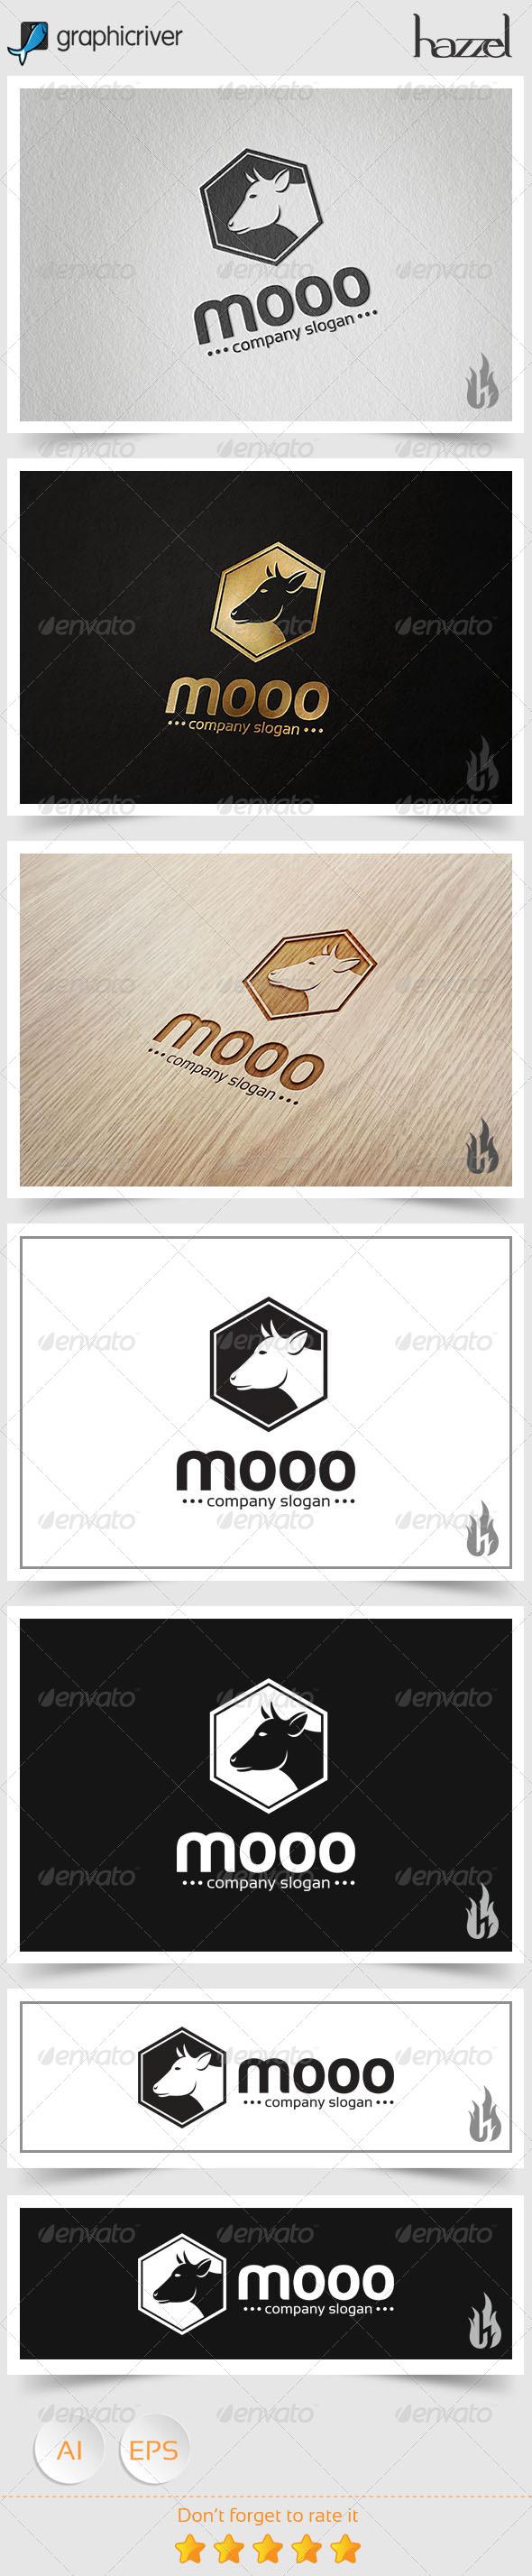 GraphicRiver Mooo Logo 8494556